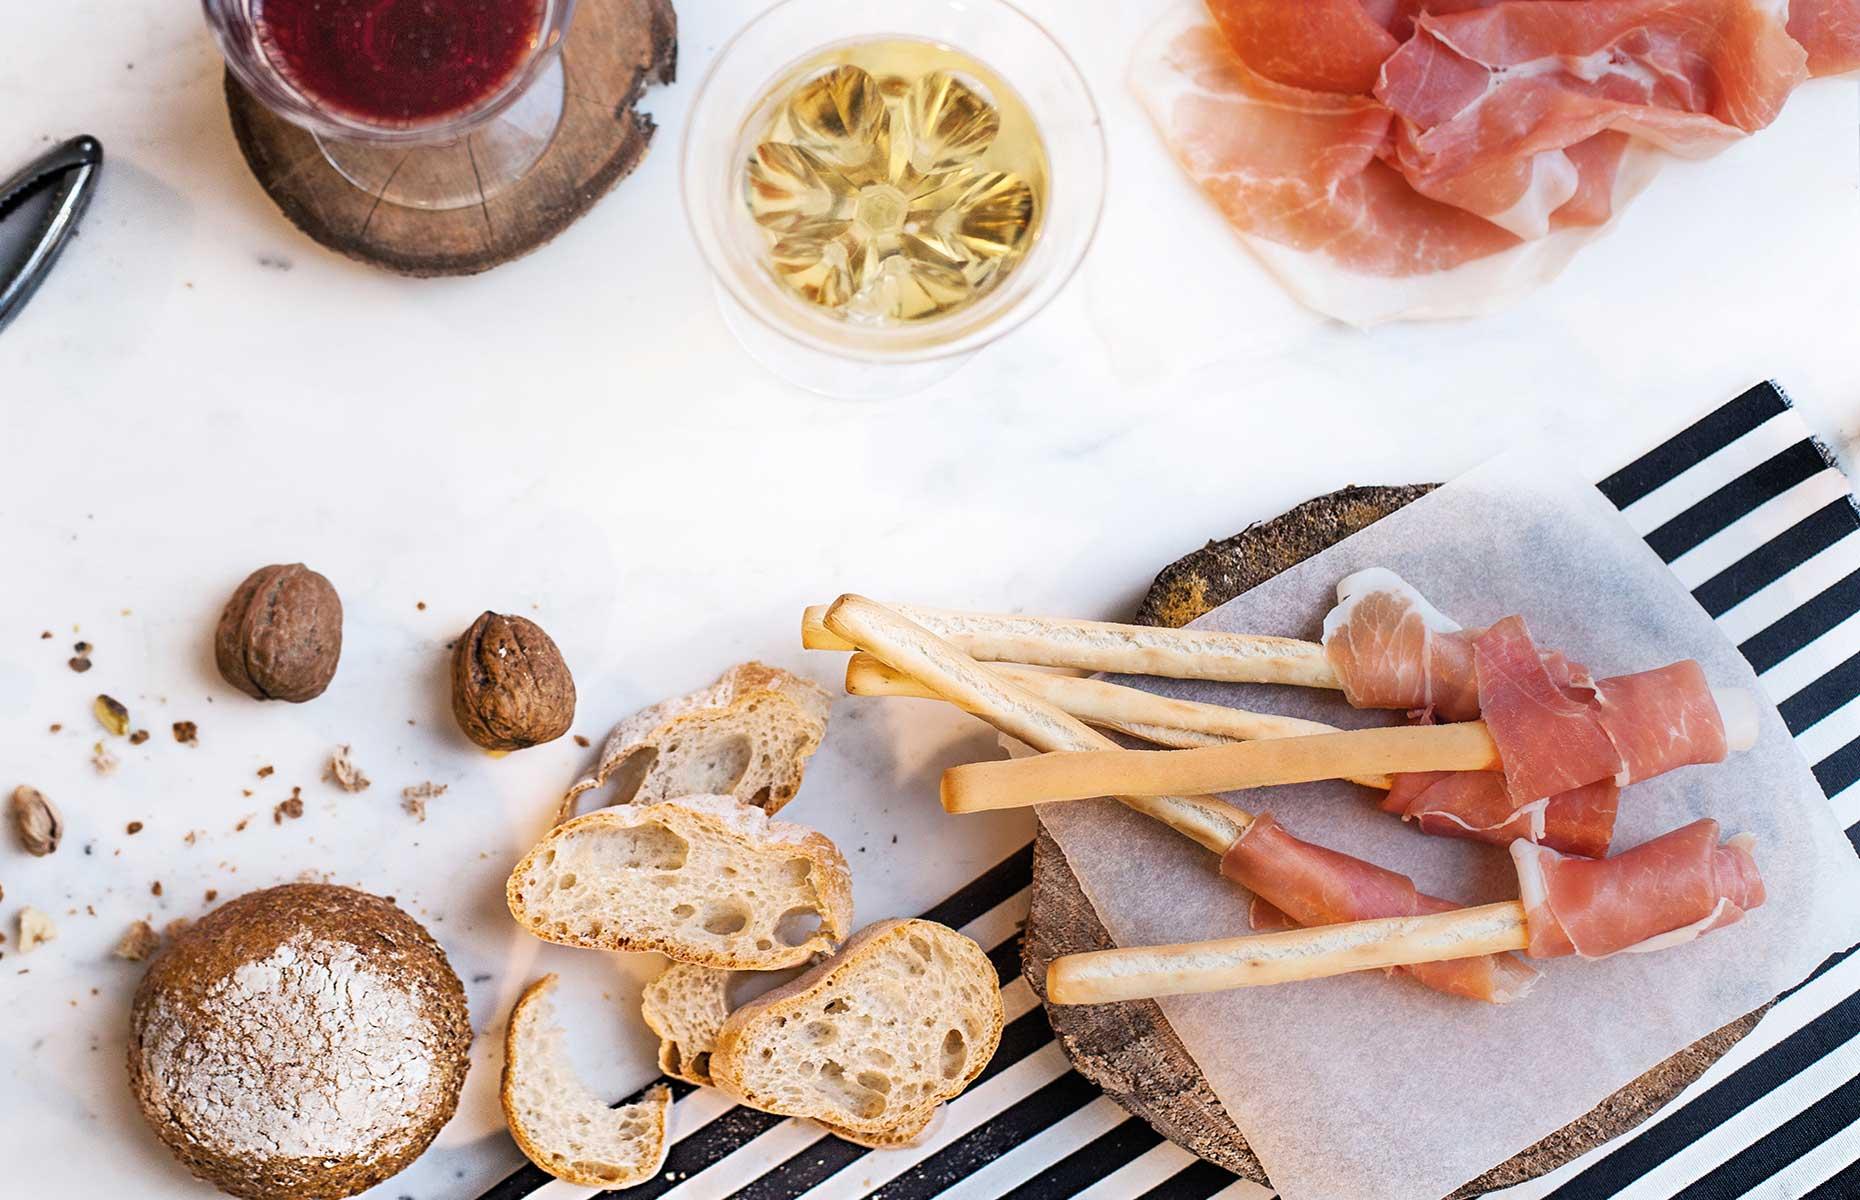 Parma Ham antipasti (Image courtesy of Consorzio del Prosciutto di Parma)